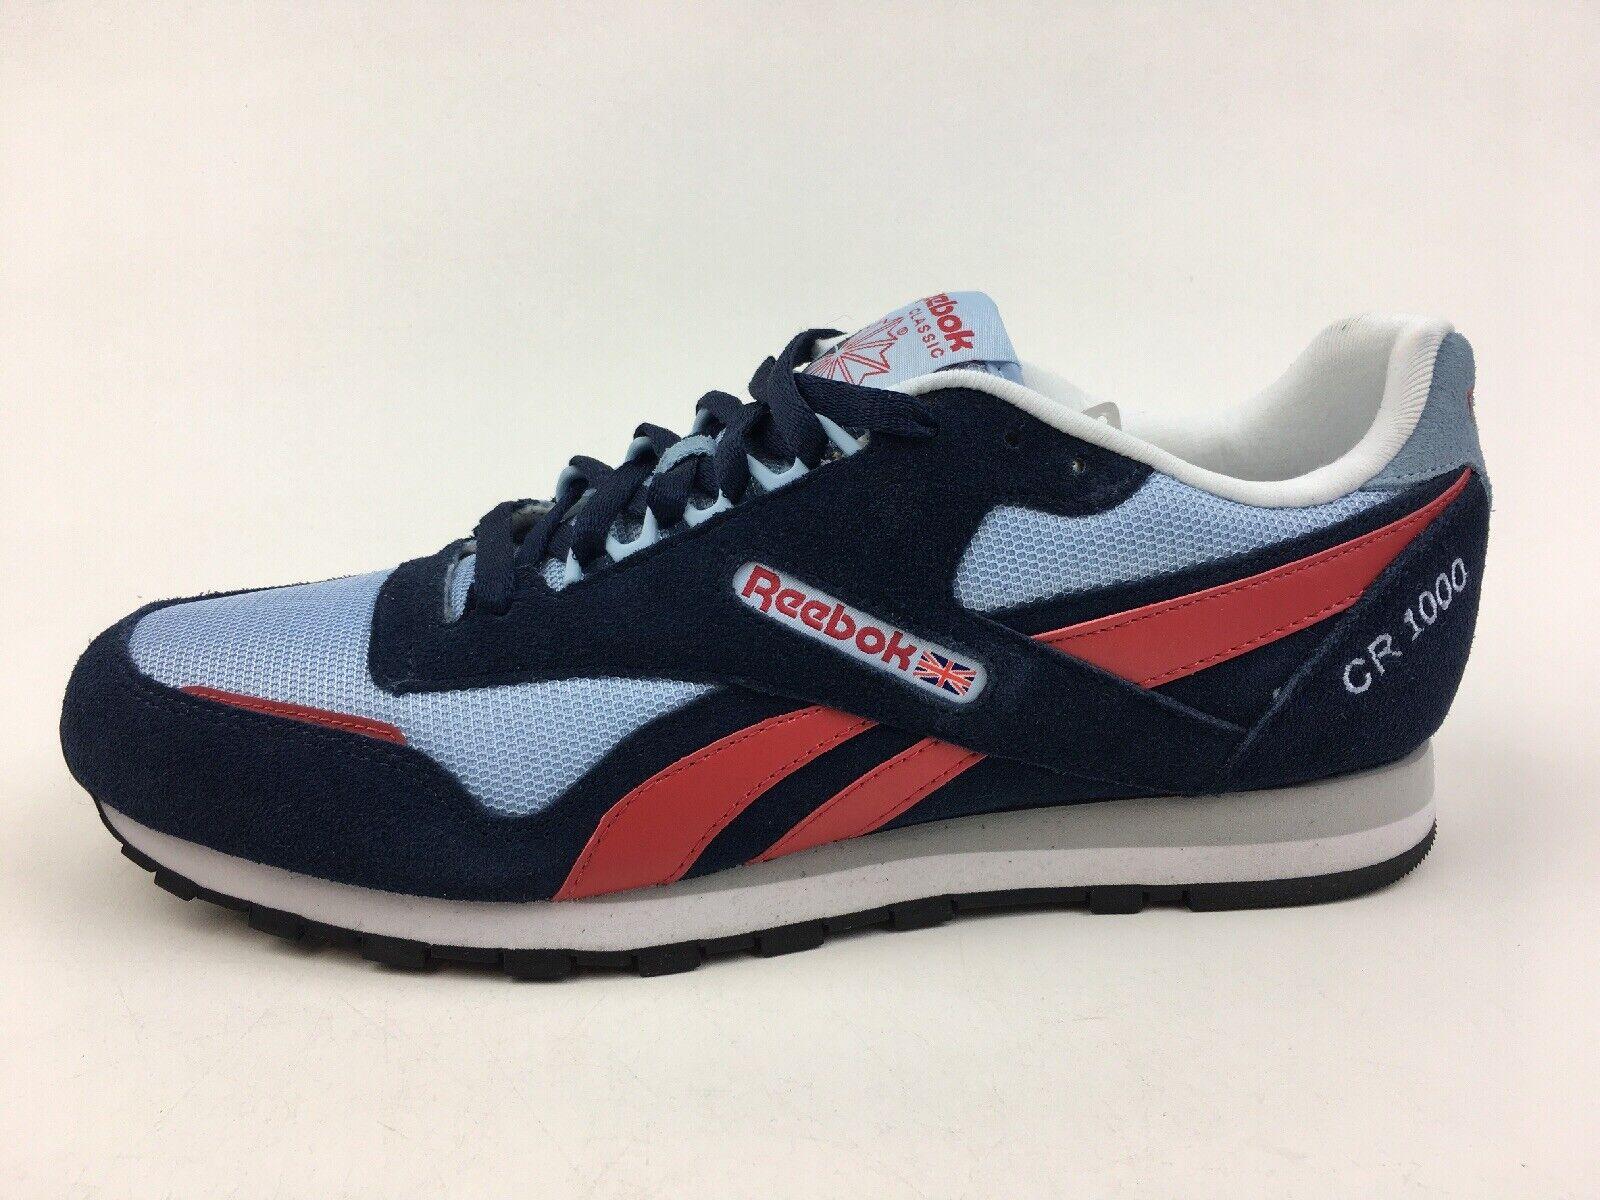 Reebok Classic CR 1000 Atletiska Atletiska Atletiska skor Män 65533;65533;s Storlek 11.5, Navy 2609  billig och högsta kvalitet